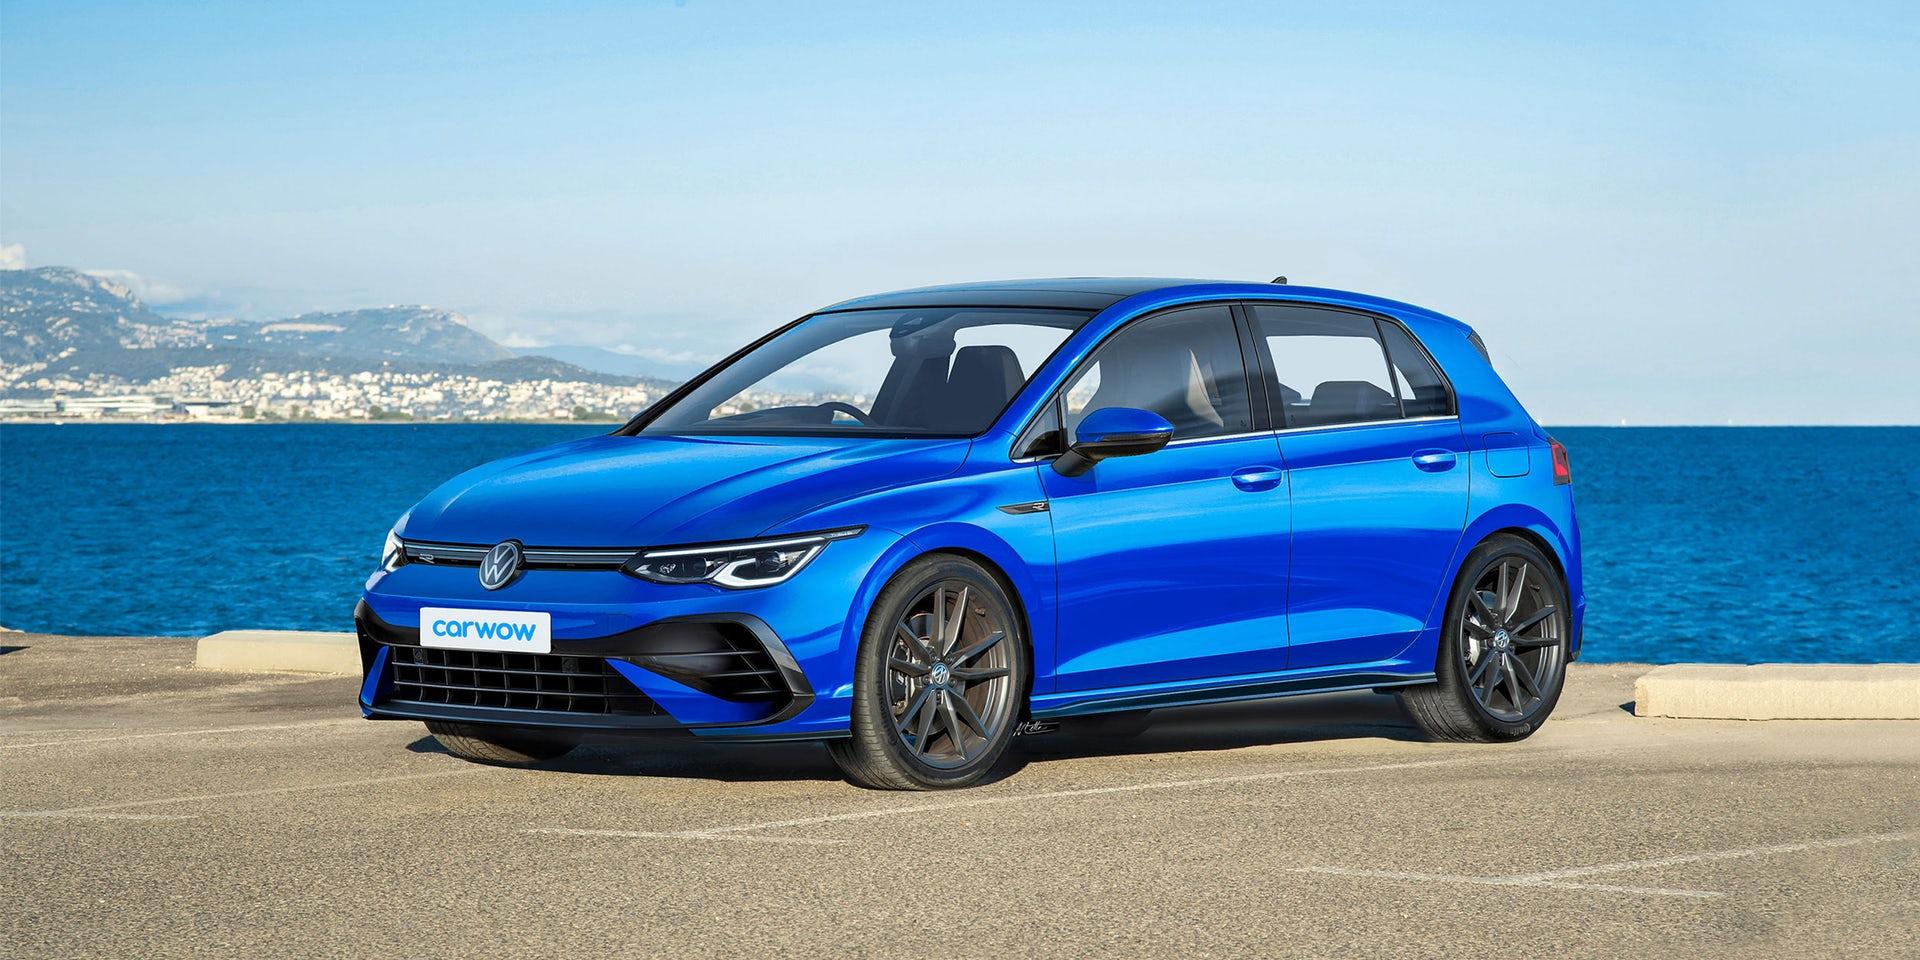 Nuova Volkswagen Golf 8 R 2021, ecco la data di Uscita!